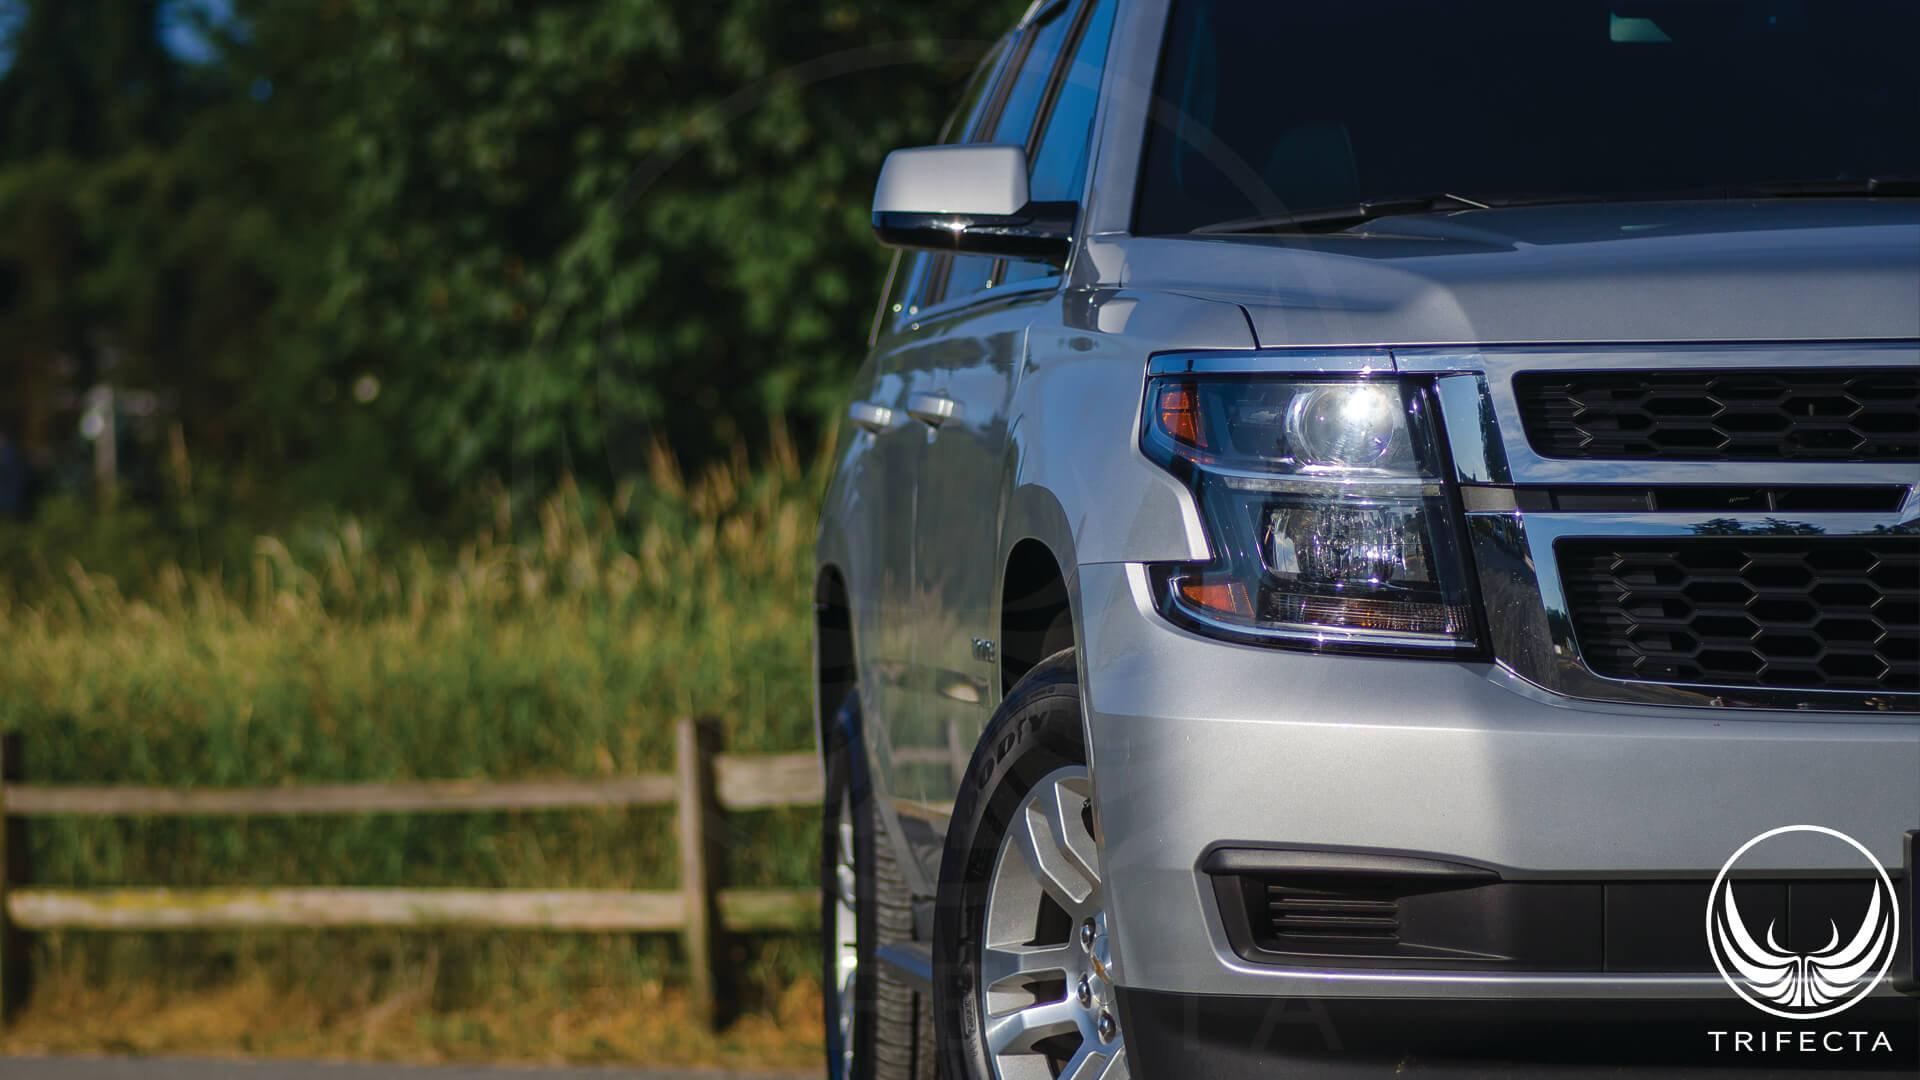 Product Review: 2015--2017 Chevrolet Tahoe - 5.3L - Advantage